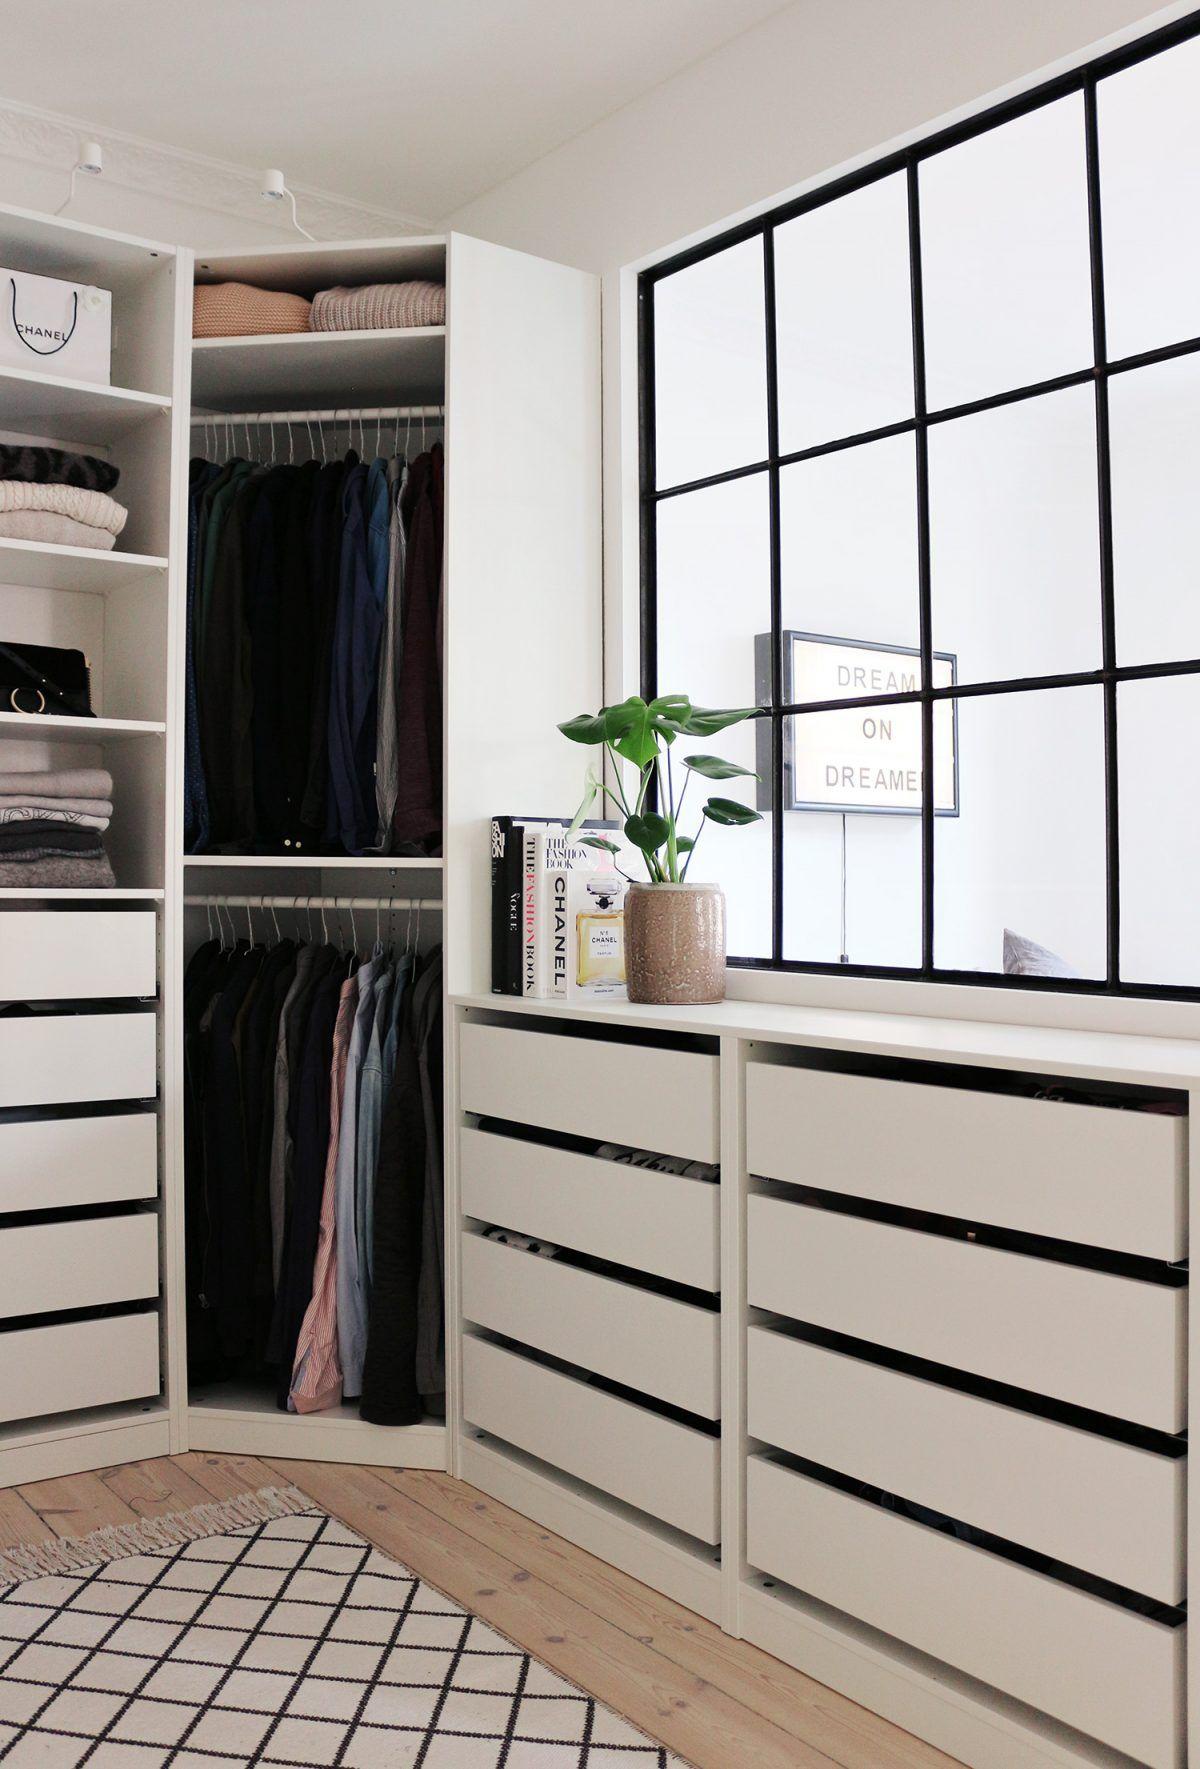 Ikea Pax Kleiderschrank Kombinationen Inspirationen Schrankdekoration Schlafzimmer Schrank Ideen Schrank Zimmer